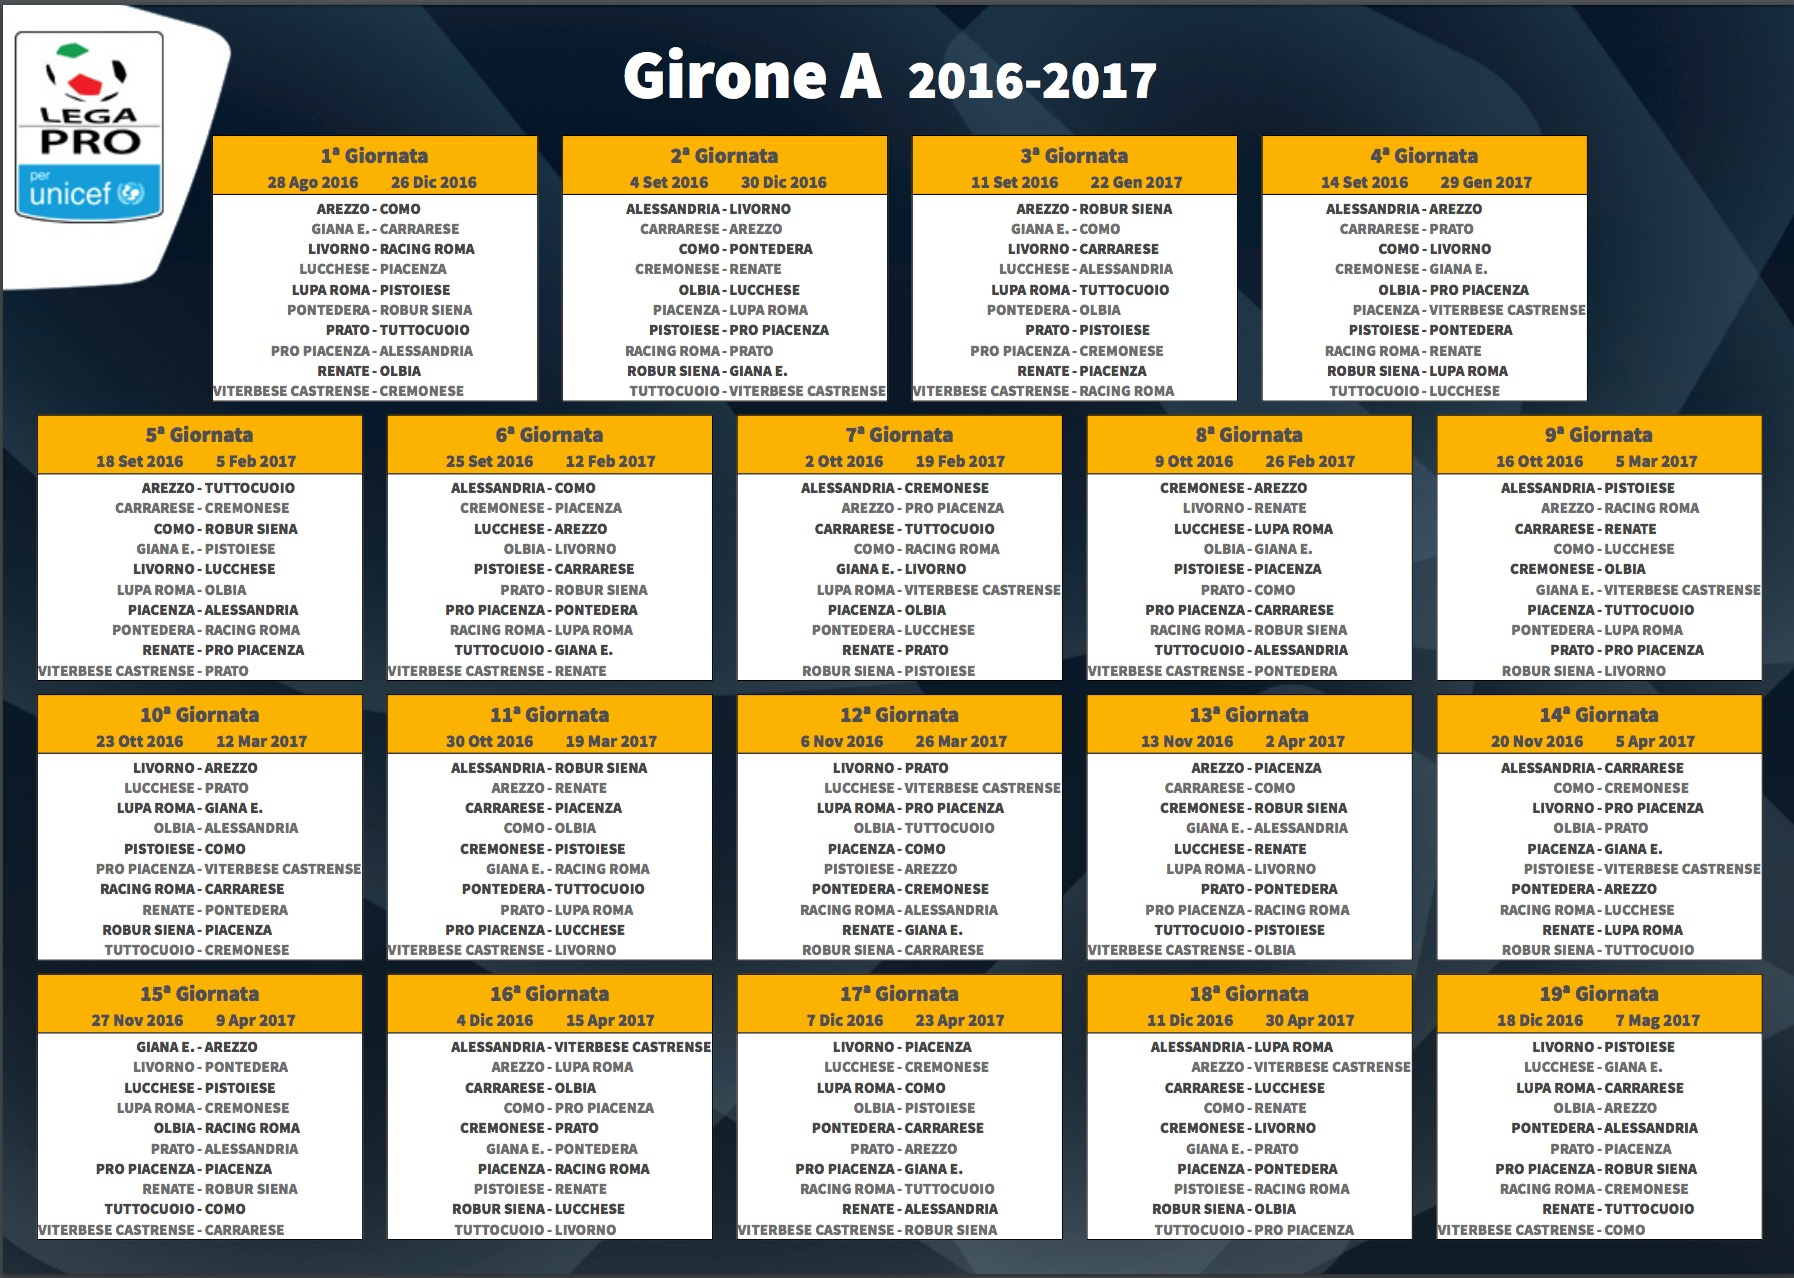 Girone A Lega Pro: classifica, risultati e calendario